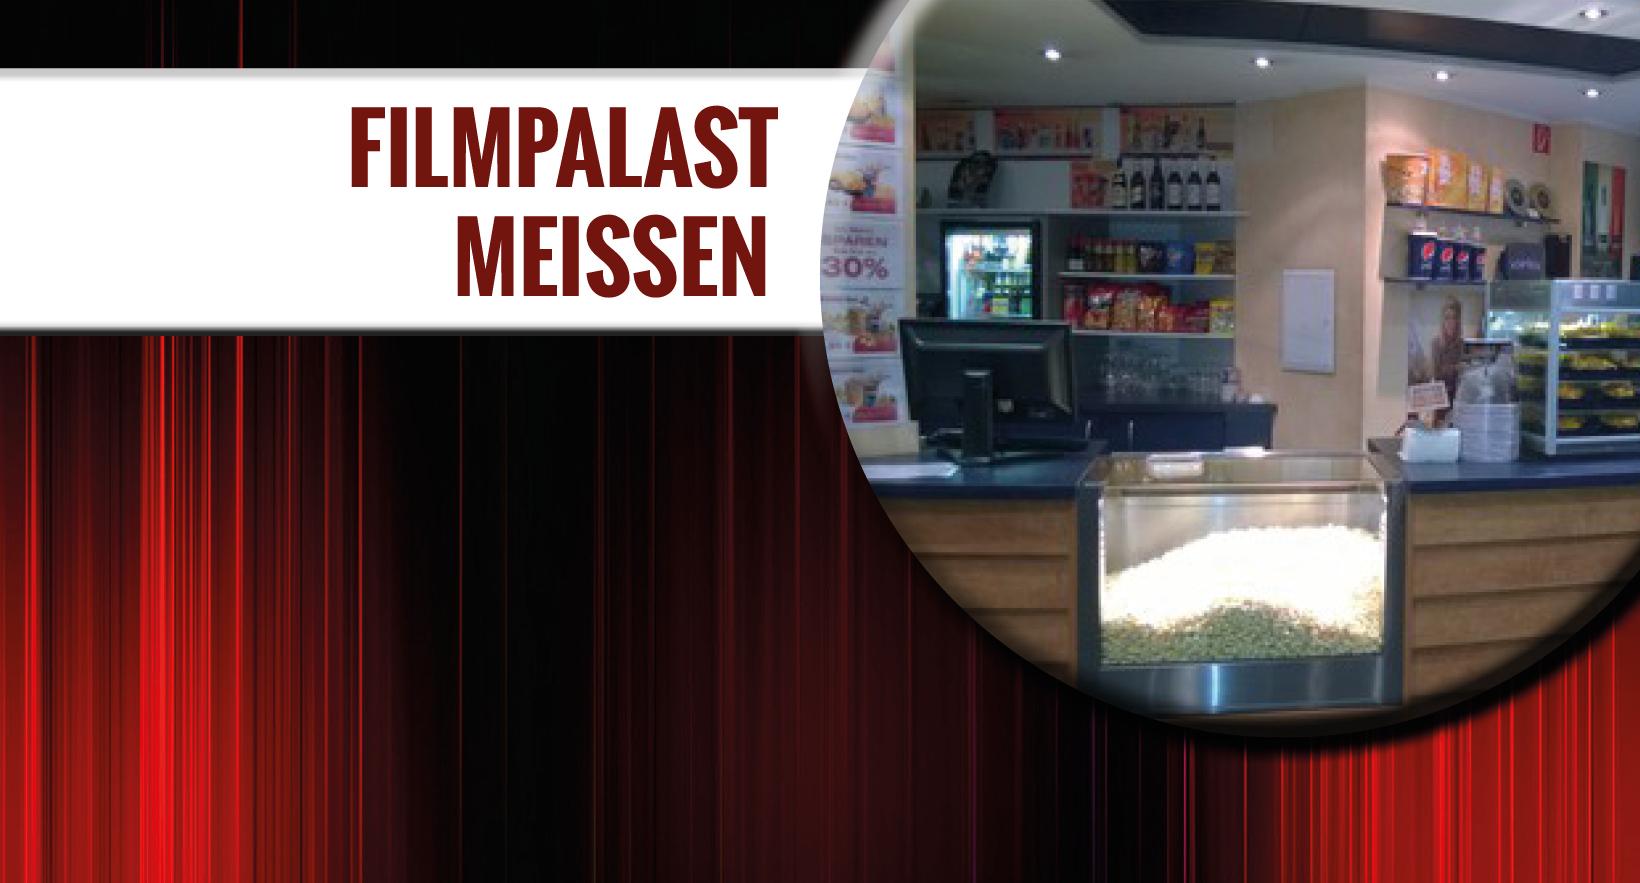 Filmpalast Meißen